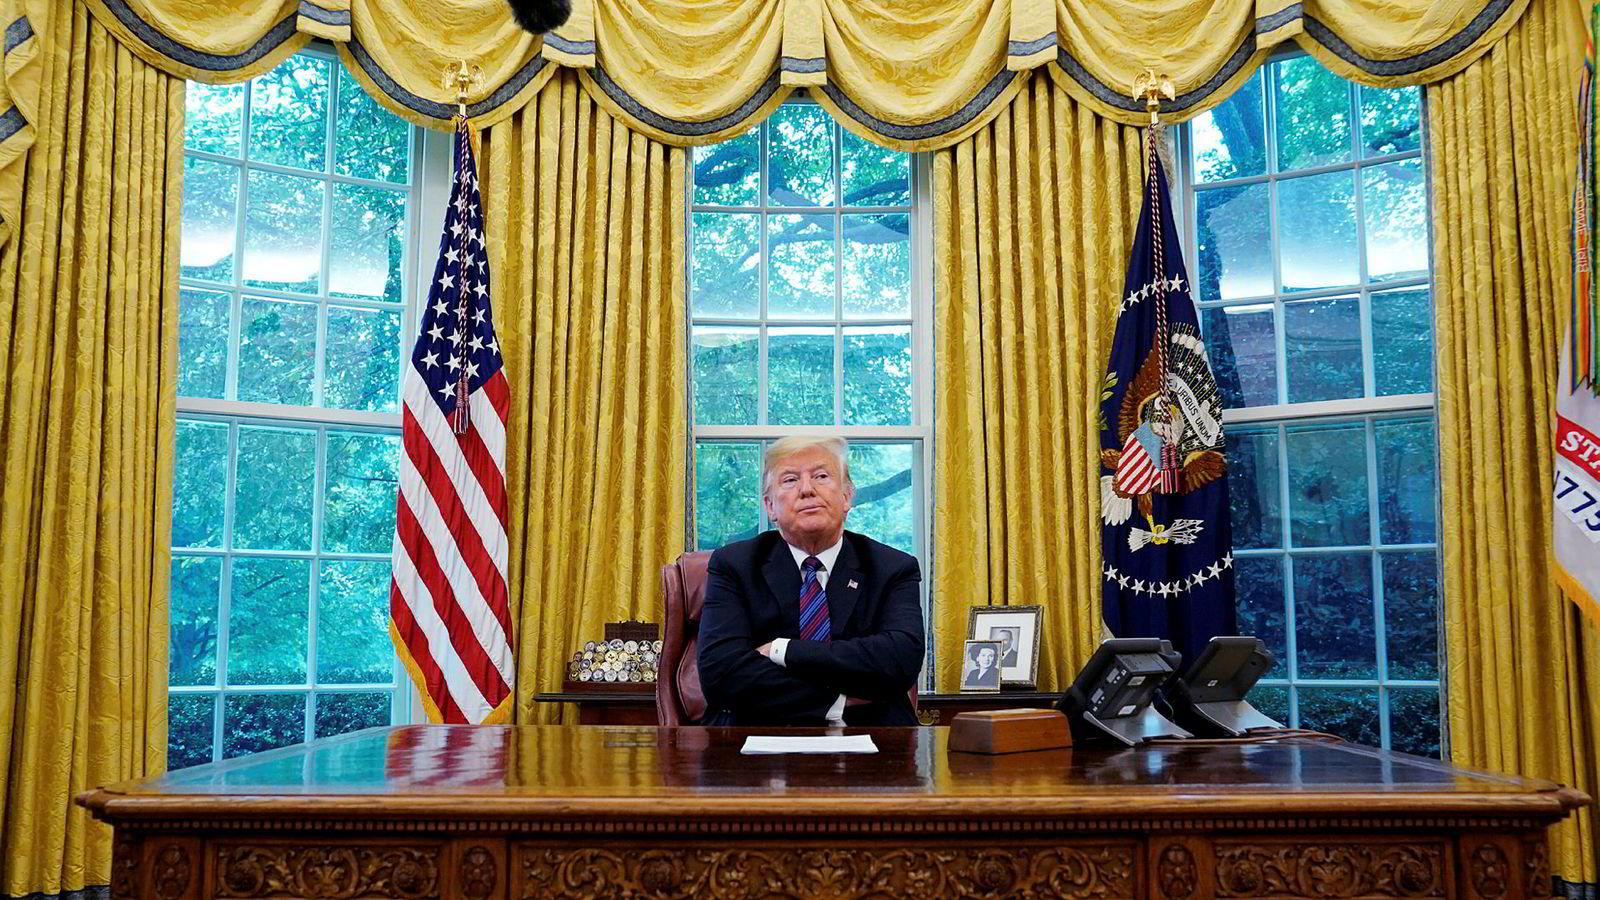 President Donald Trump vil nok aldri tenke at han trenger terapi. Og det er like greit. Han ville nok vært terapiresistent, skriver Tormod Huseby.